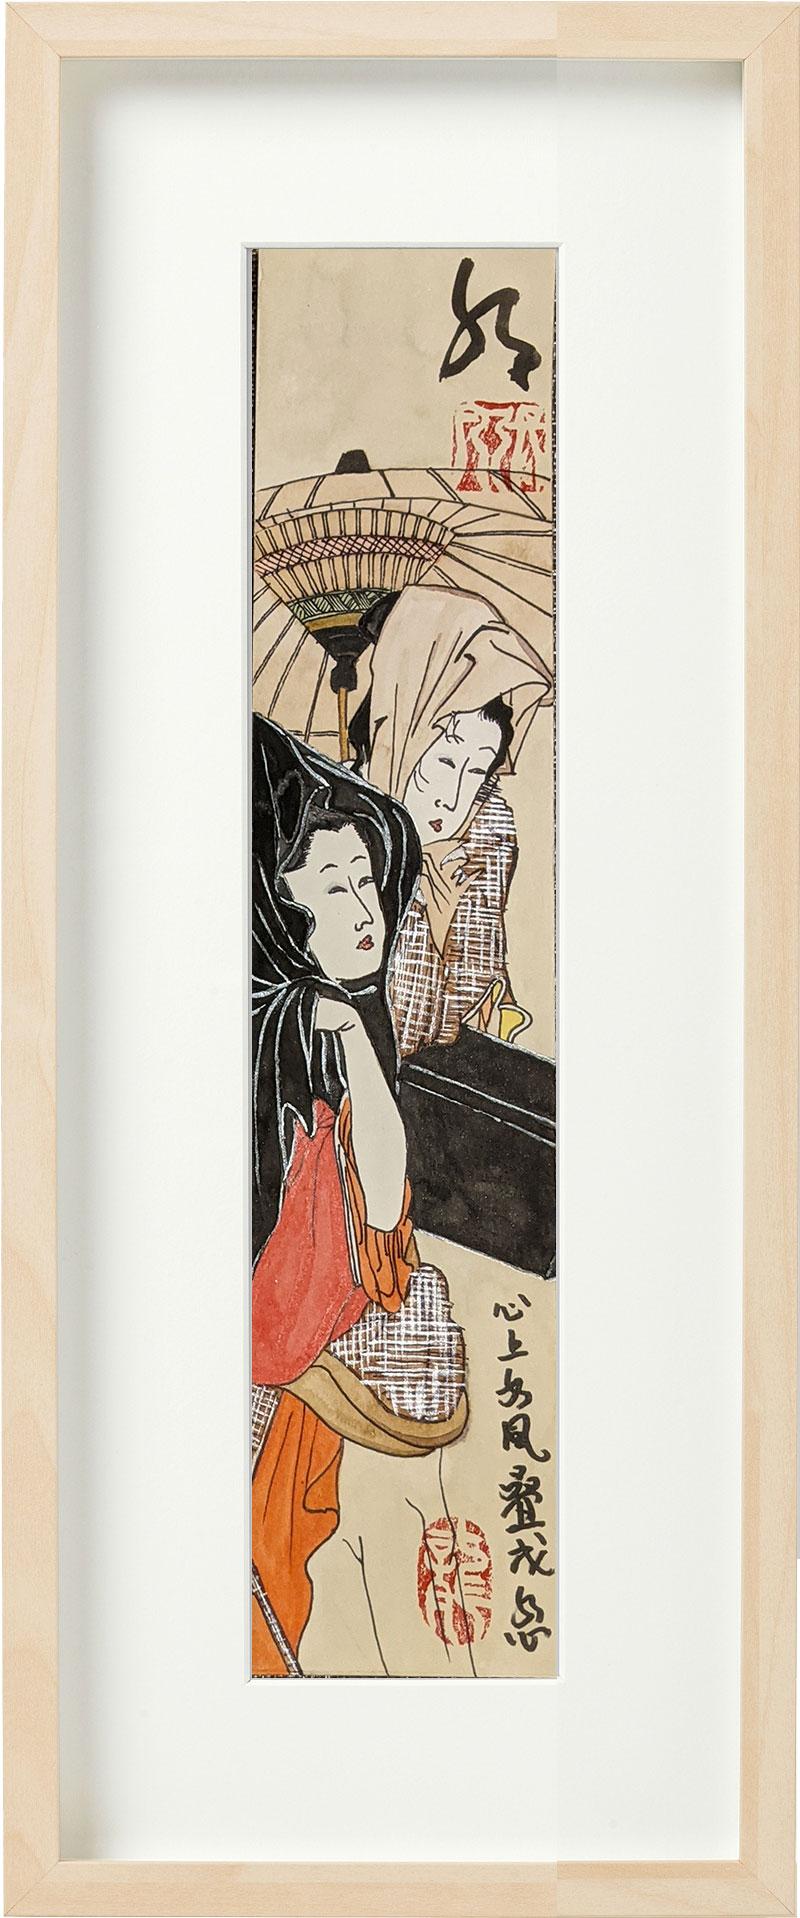 """When Ukiyo-e Met Chinese Poet Liu Yong """"心上秋风叠成愁"""" – """"xin shang qiu feng die cheng chou"""""""